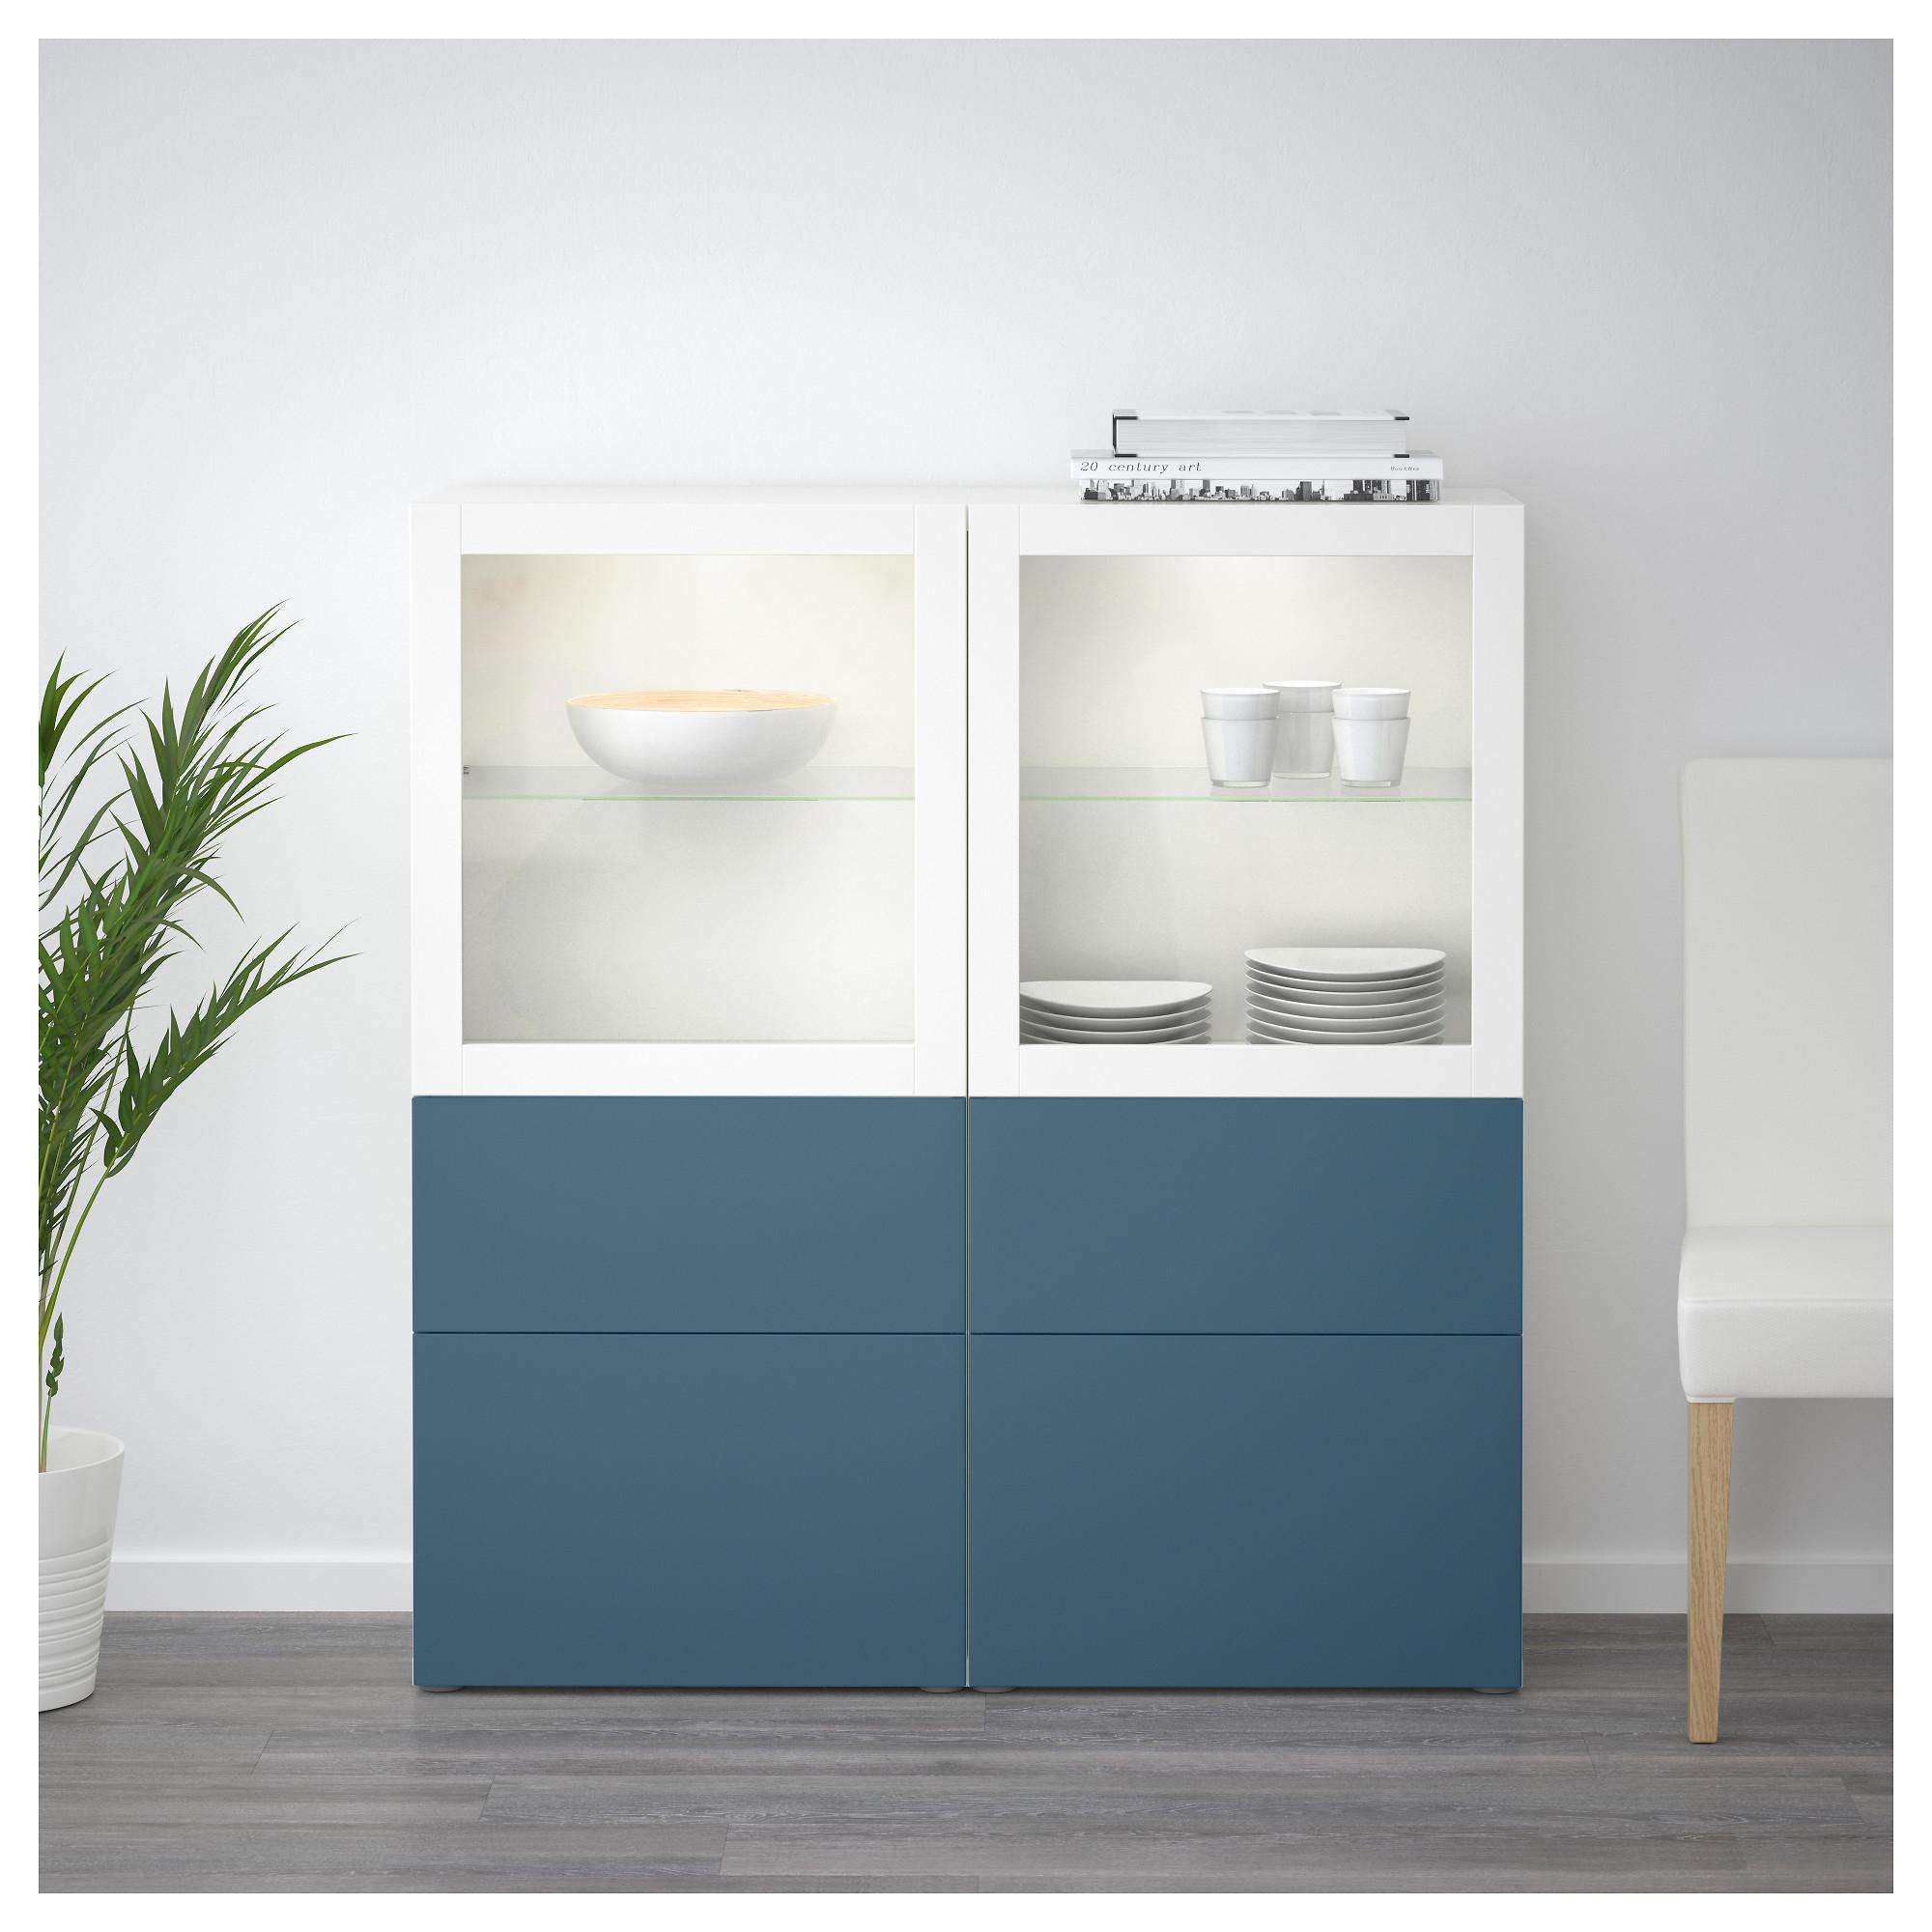 Комбинация для хранения со стеклянными дверцами БЕСТО артикуль № 492.482.45 в наличии. Интернет магазин IKEA Беларусь. Быстрая доставка и установка.